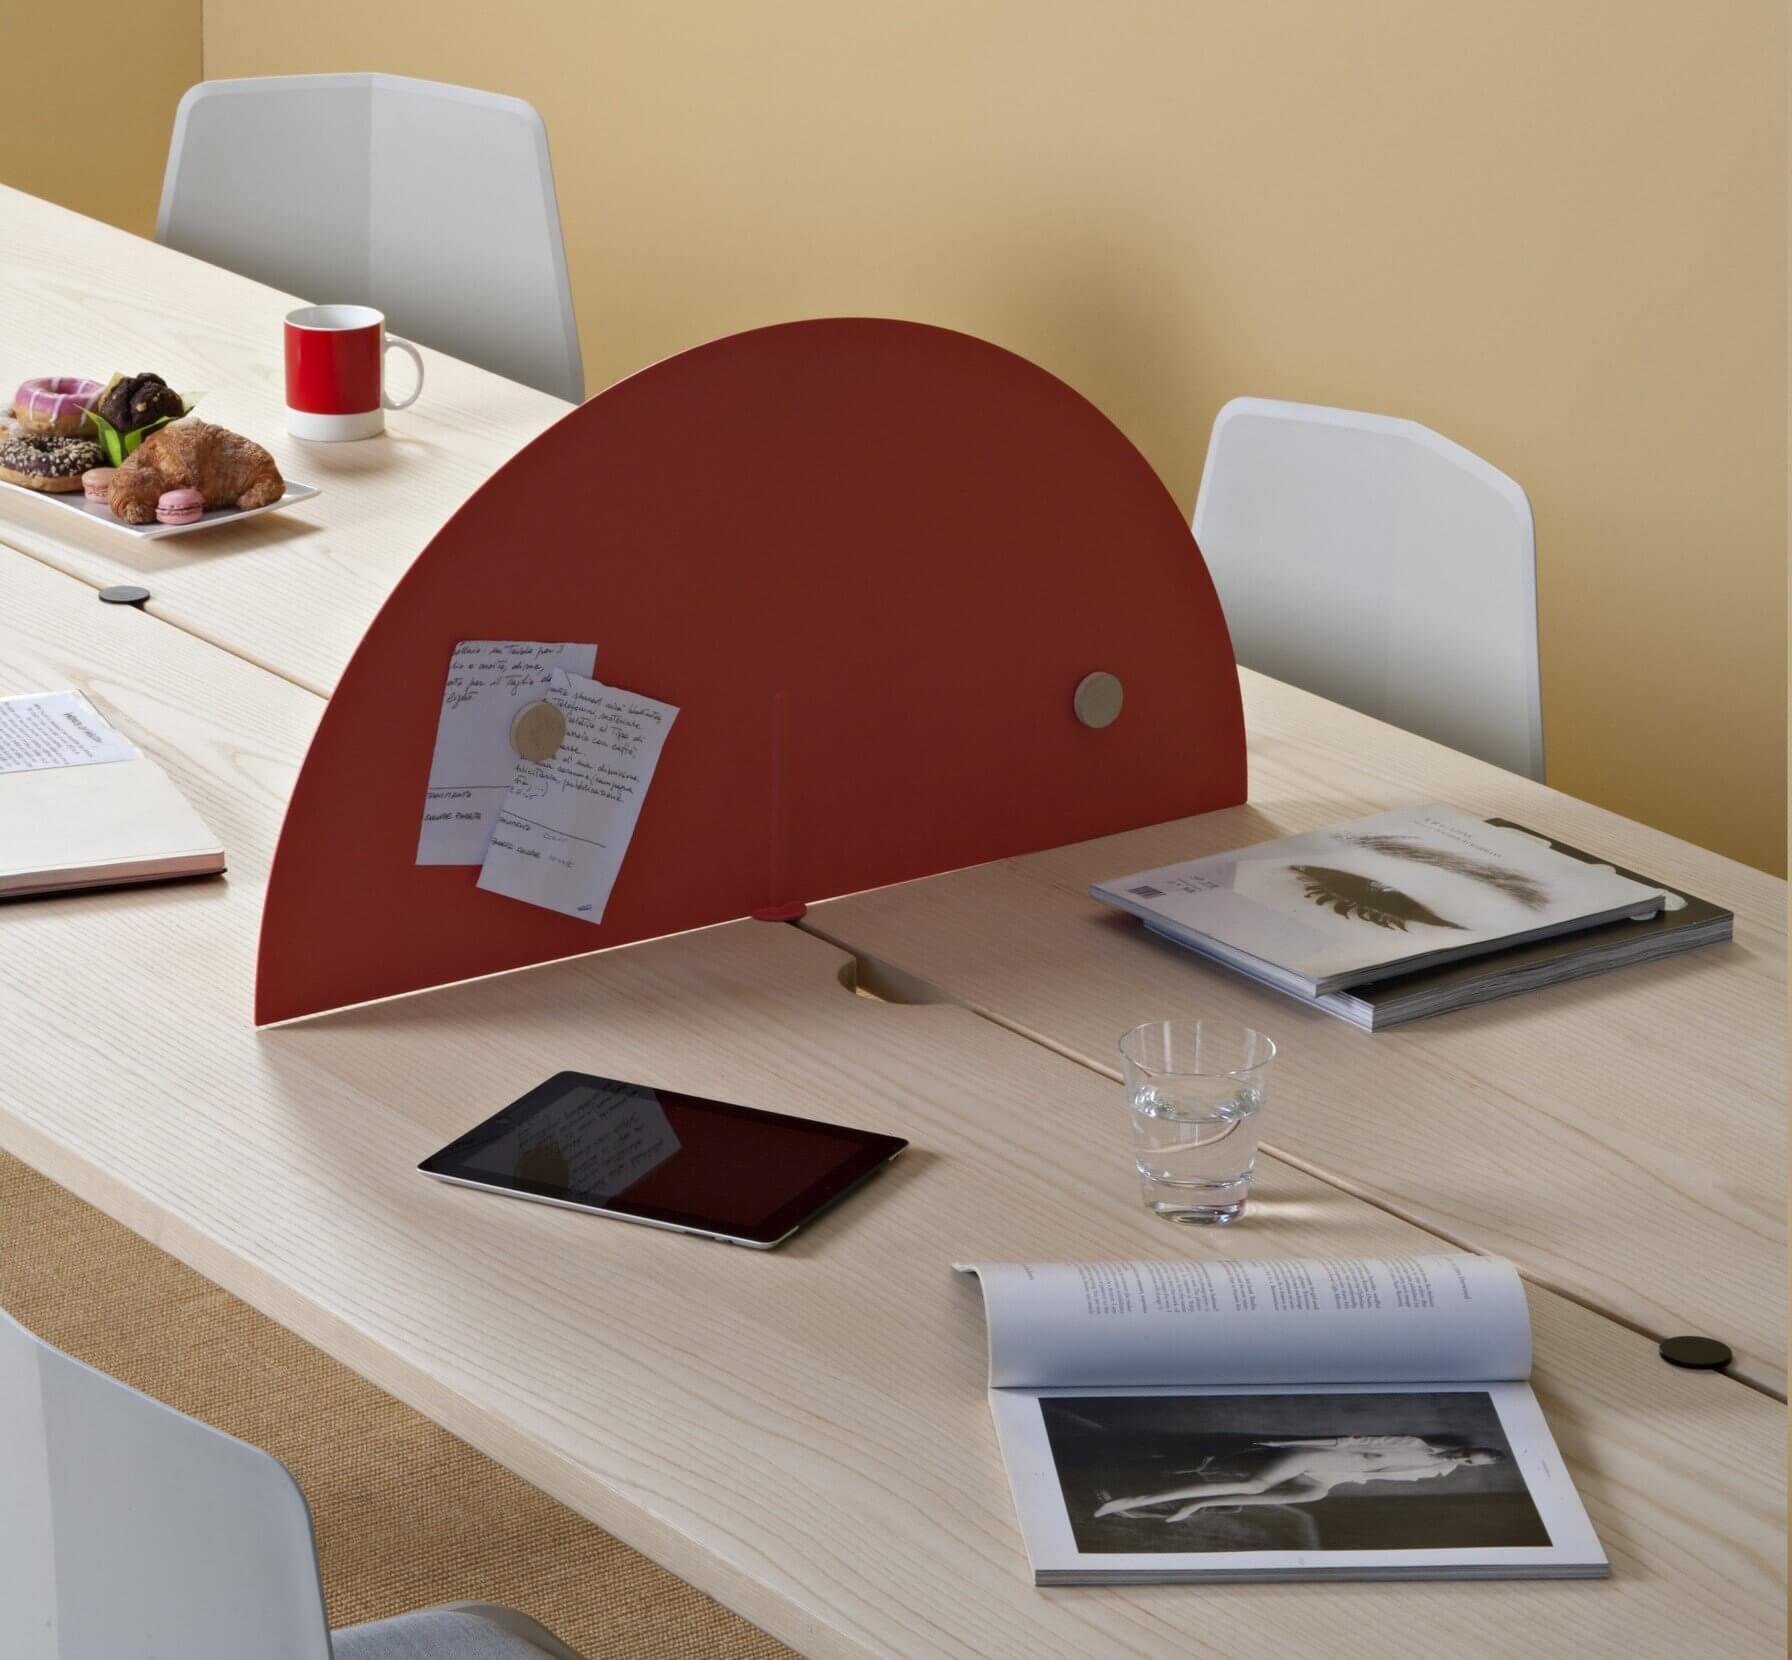 Table de réunion en coworking avec panneau séparateur